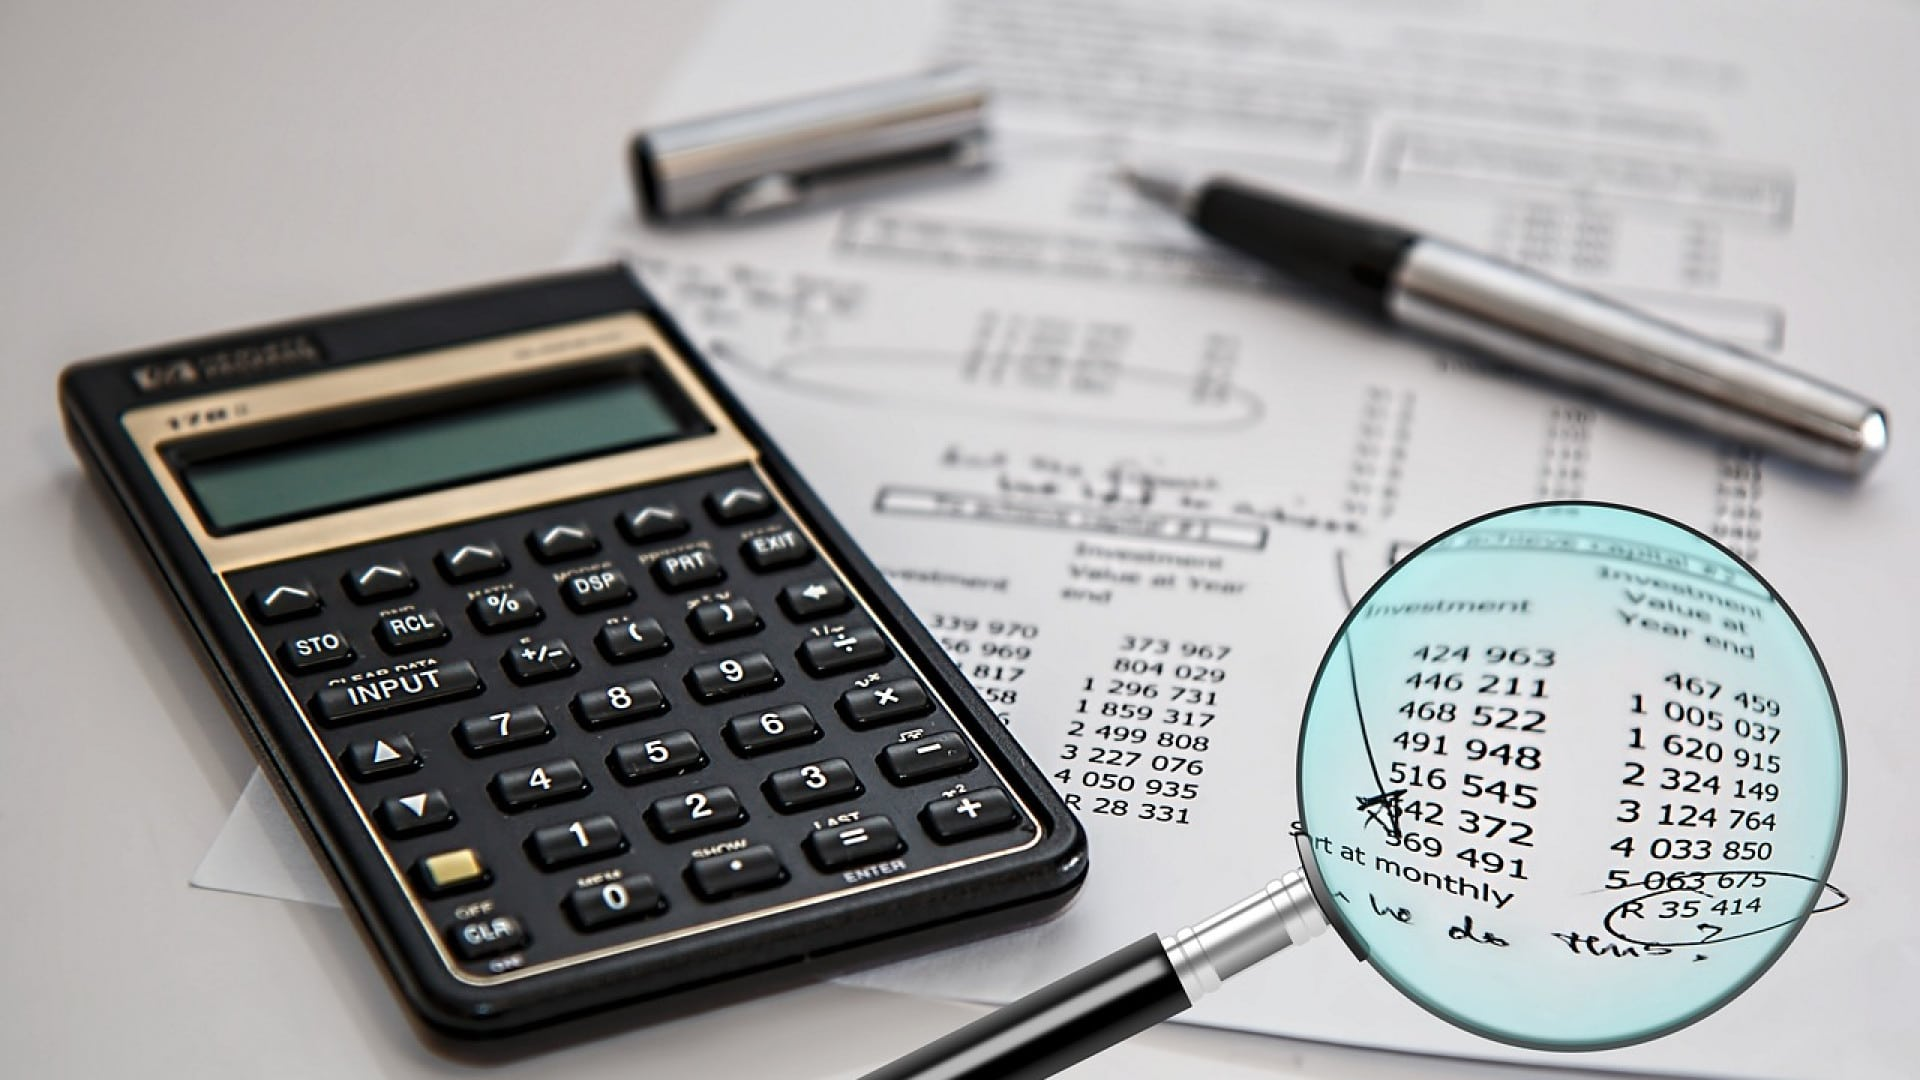 Comment faire un audit de paie ?